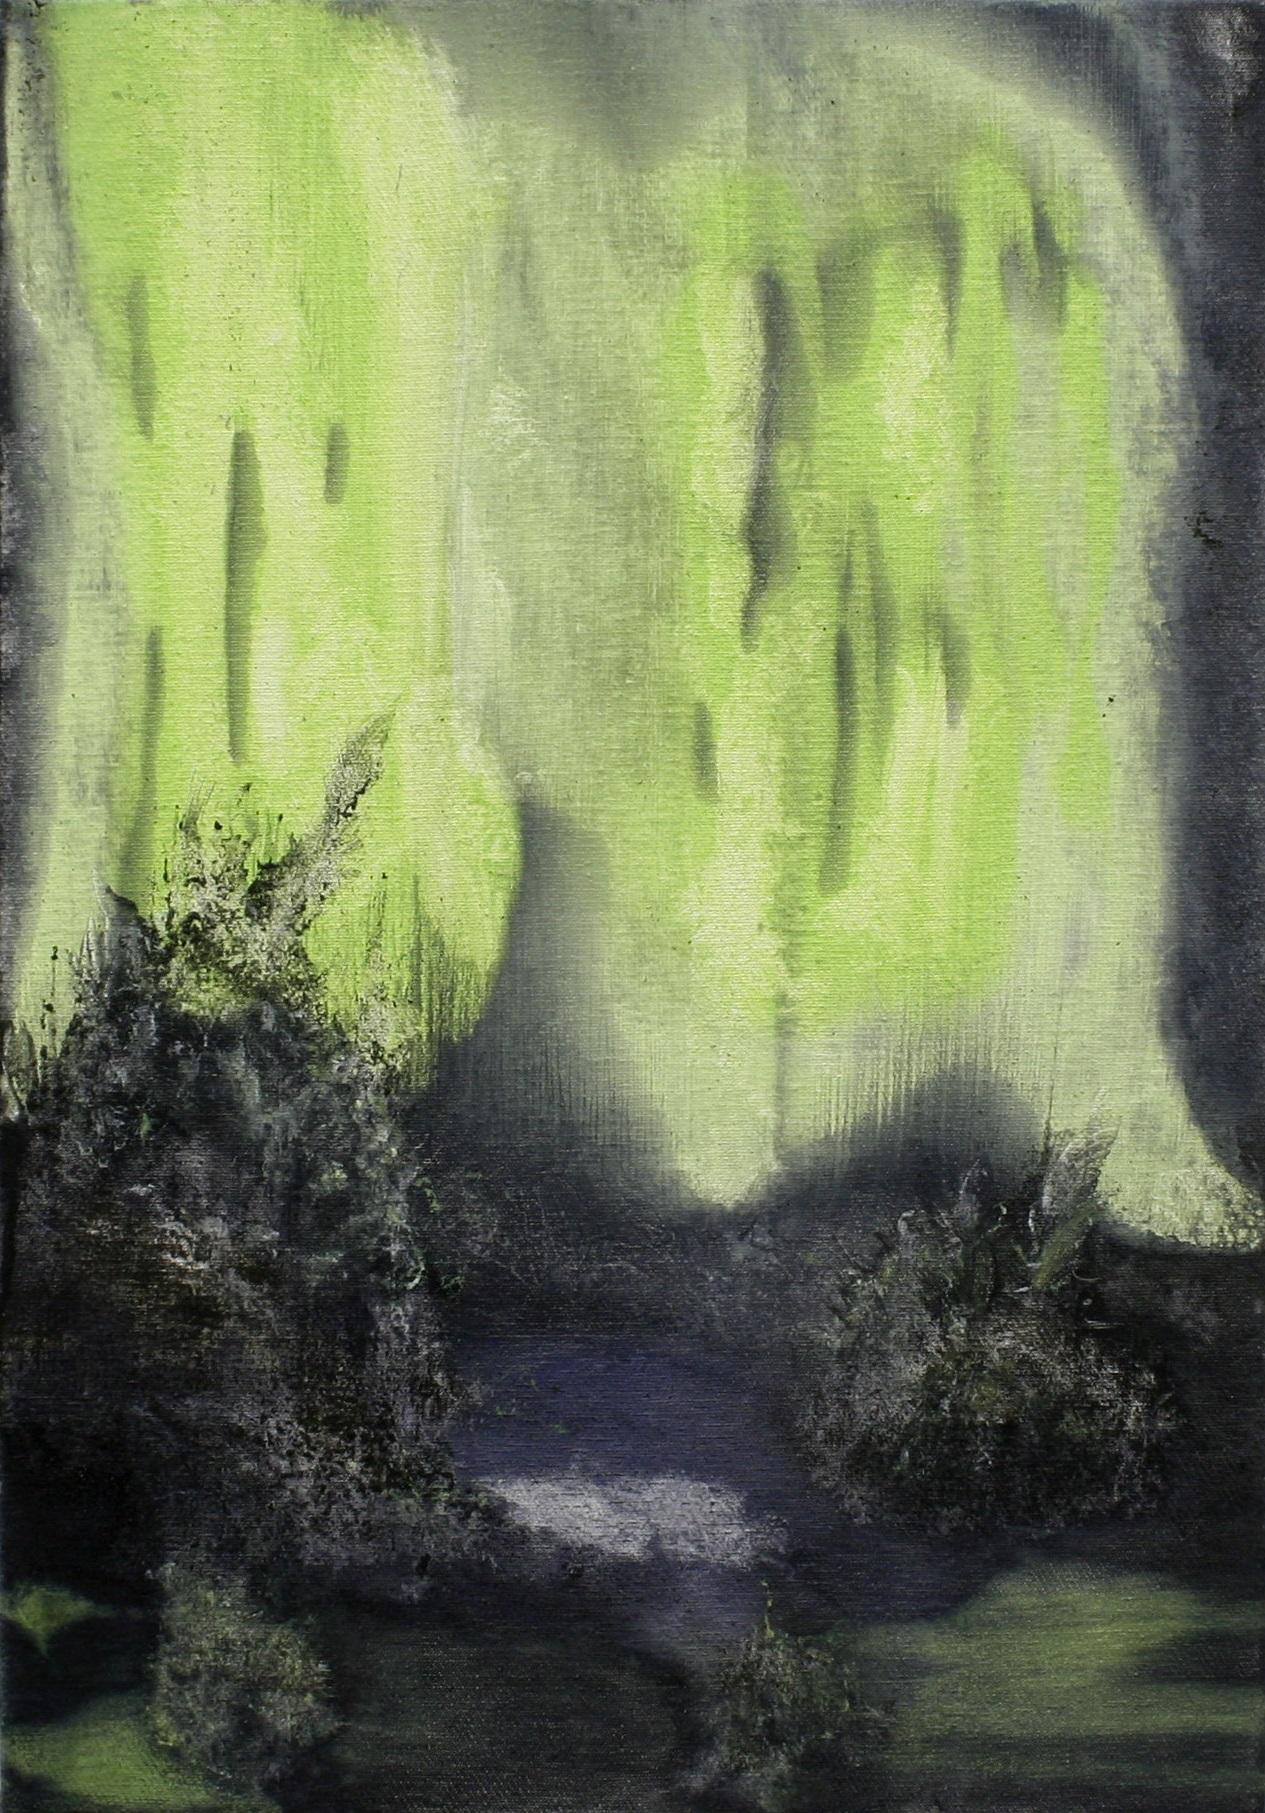 'Irrlicht l'  Mixed-media on canvas  32 x 46cm  2016